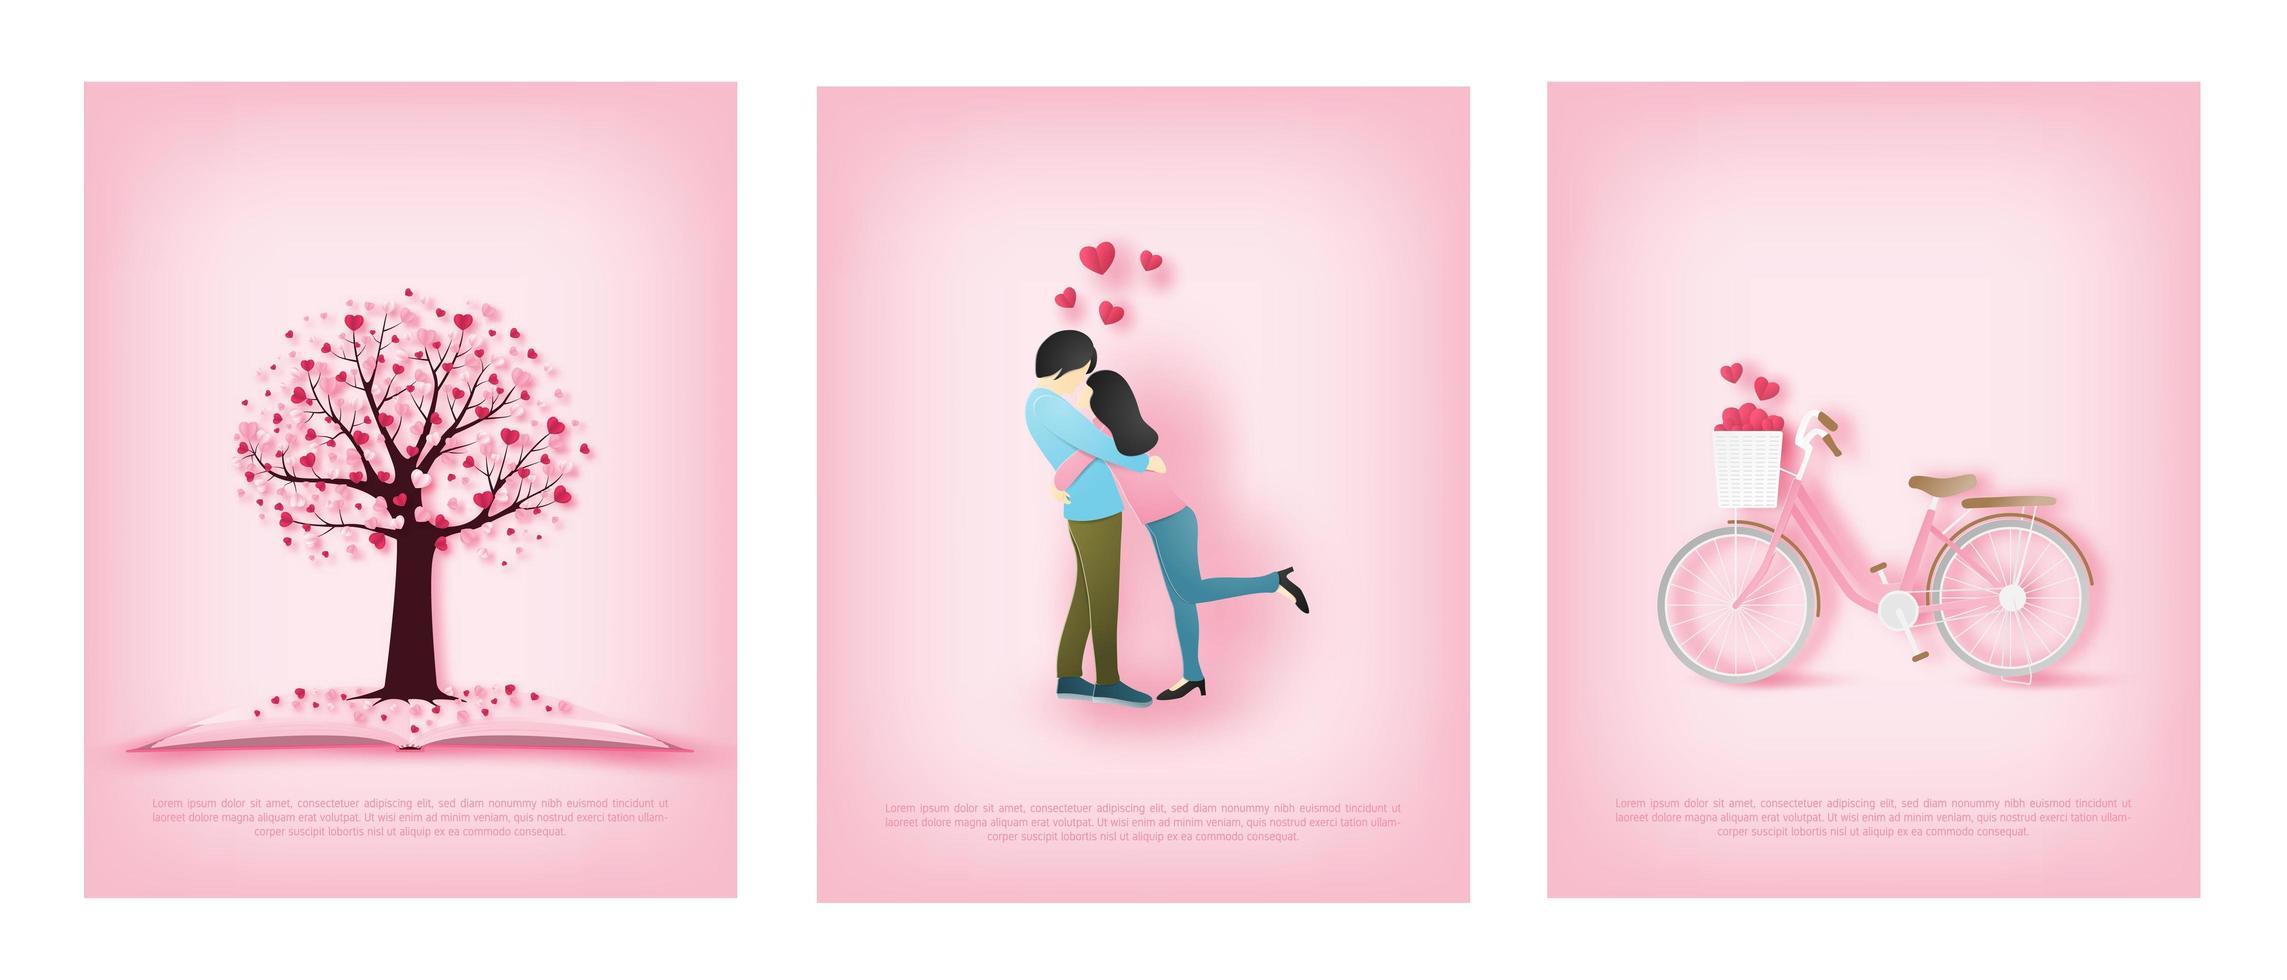 tarjetas de papel de arte con pareja, bicicleta y árbol de corazón vector